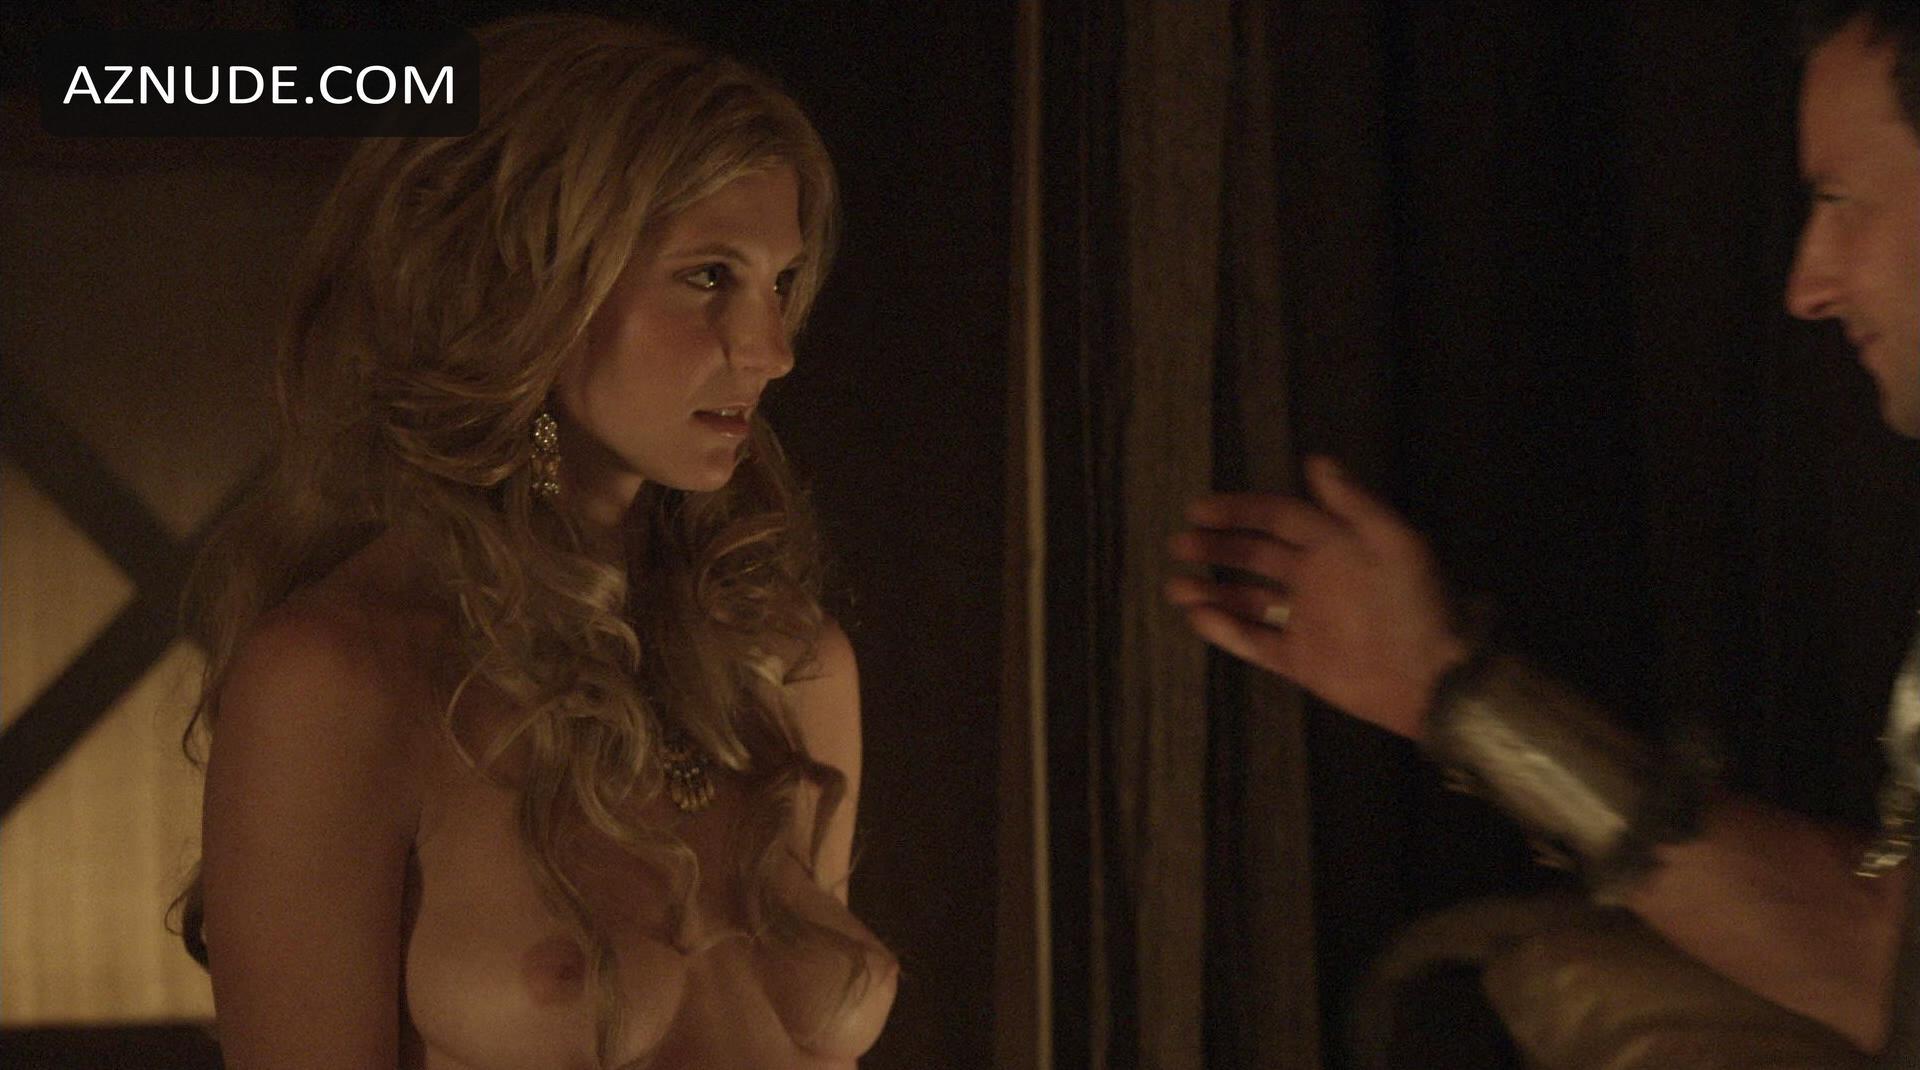 Nude Pics Of Viva Bianca